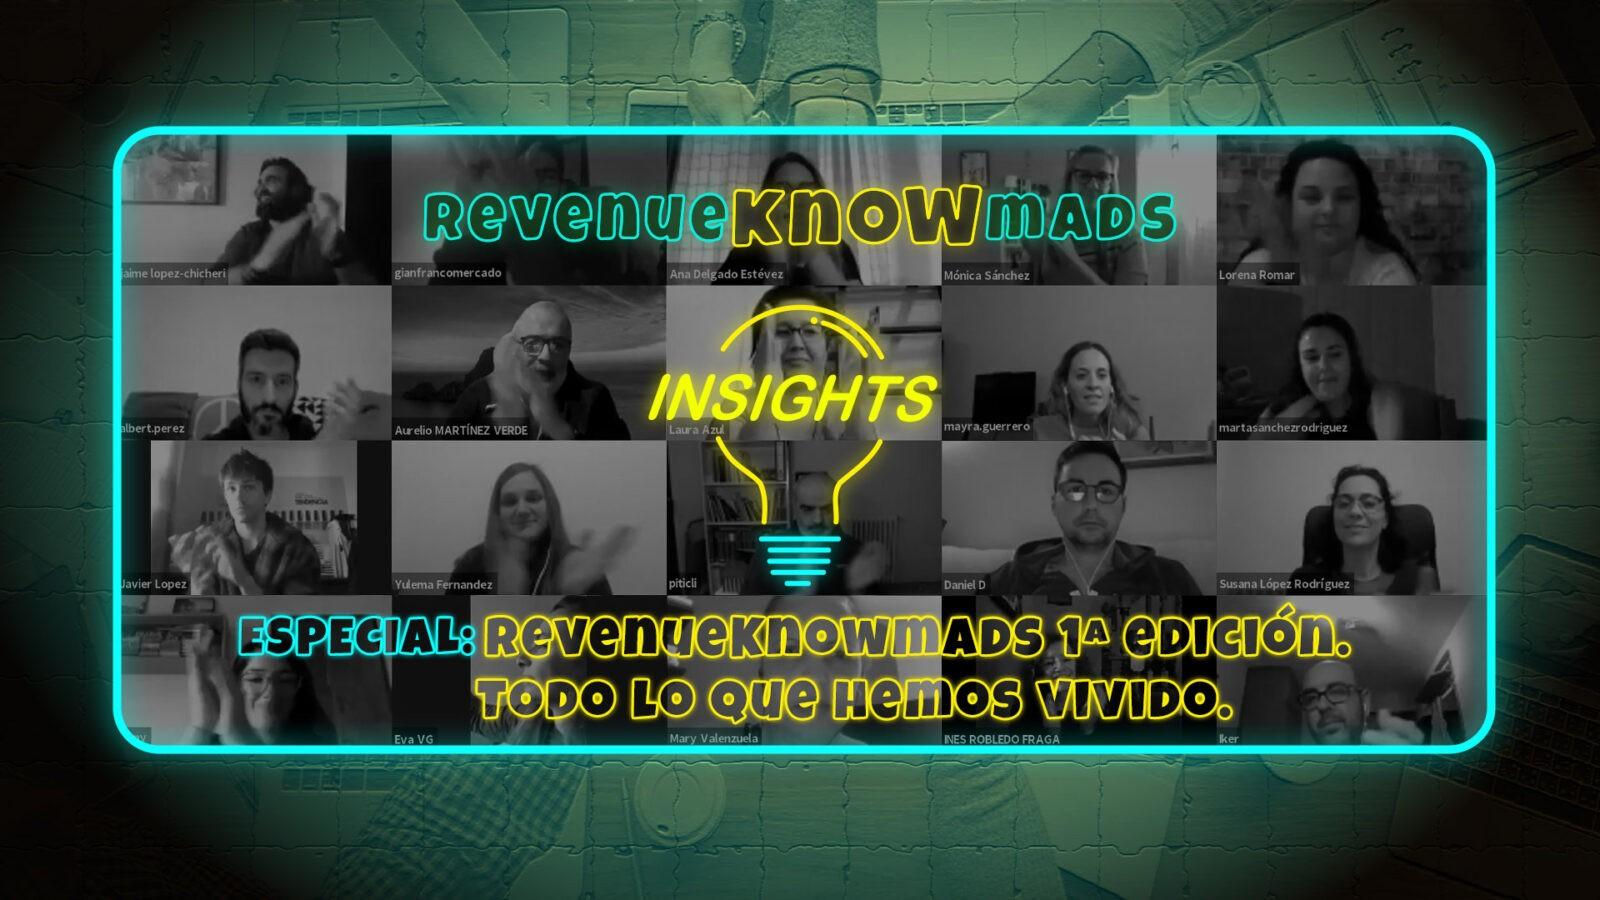 RevenueKnowmads Insights - Especial 1ª ed. Todo lo que hemos vivido